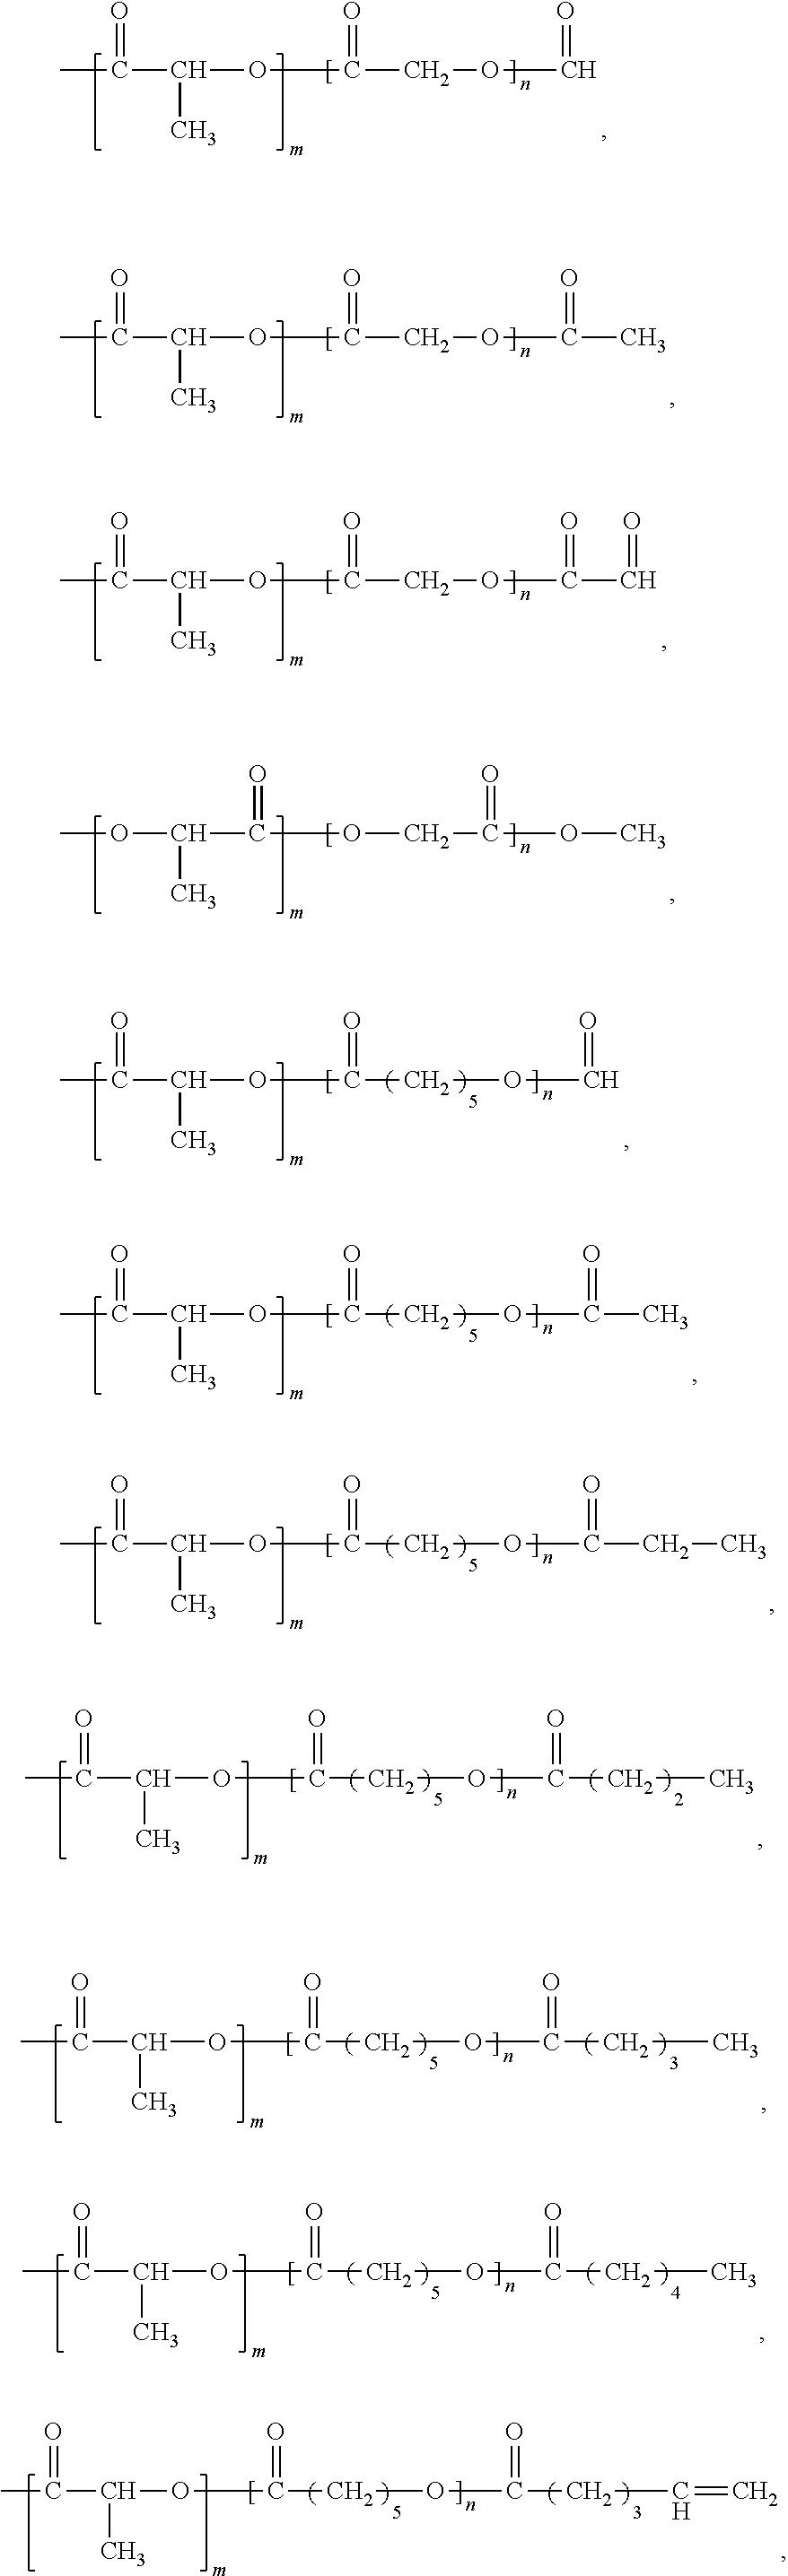 Figure US09669137-20170606-C00027